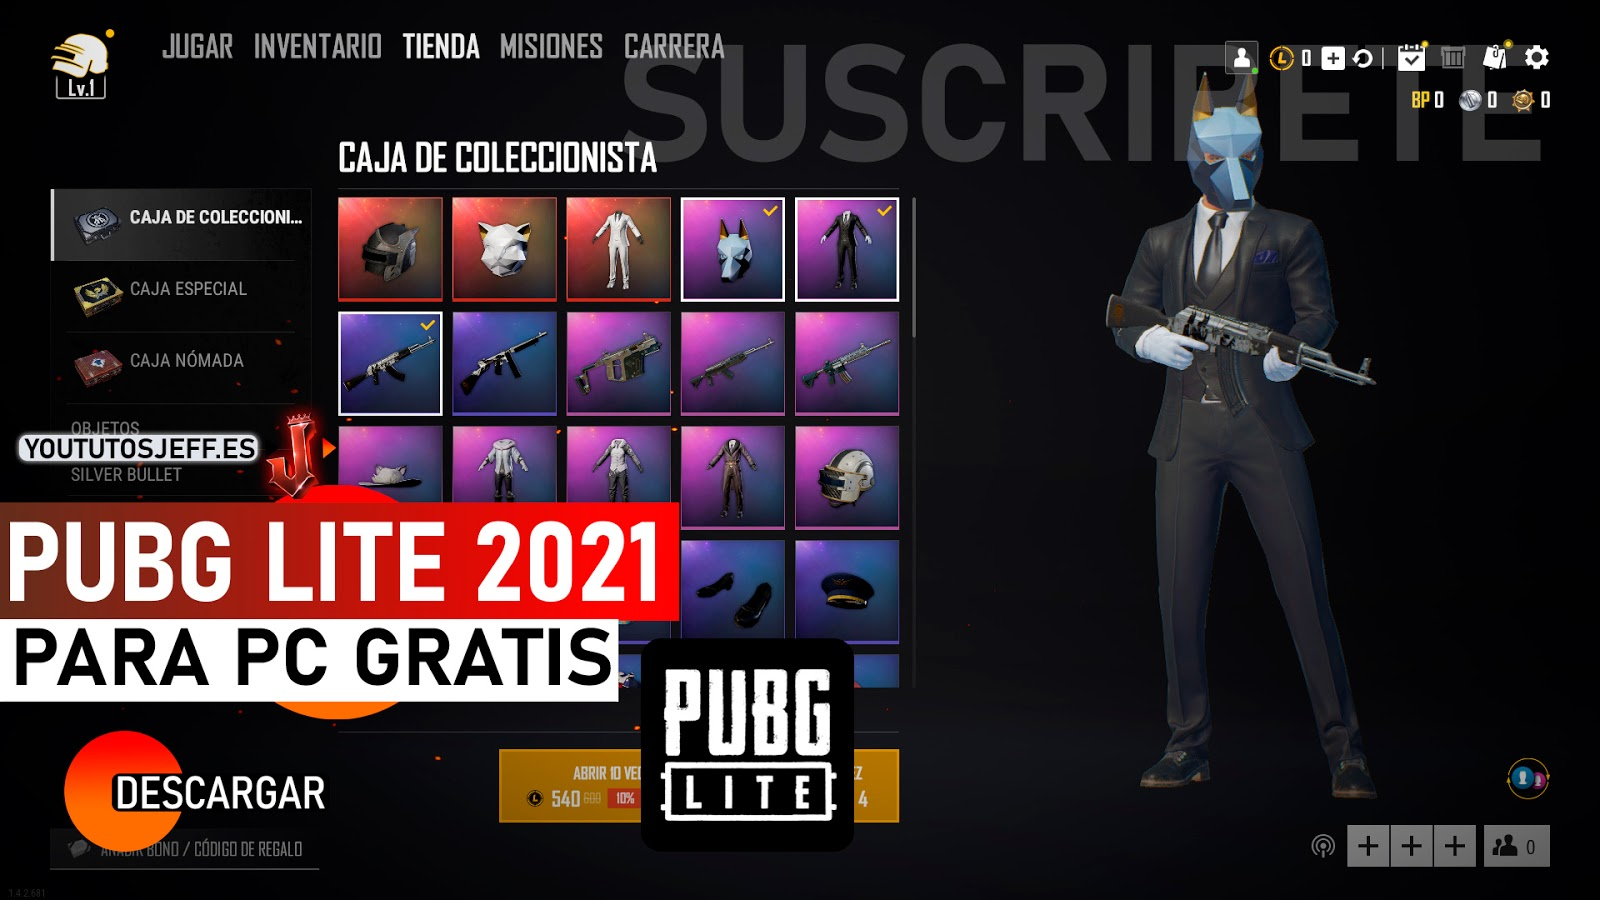 Como Descargar PUBG Lite 2021 Para PC de Pocos Recursos